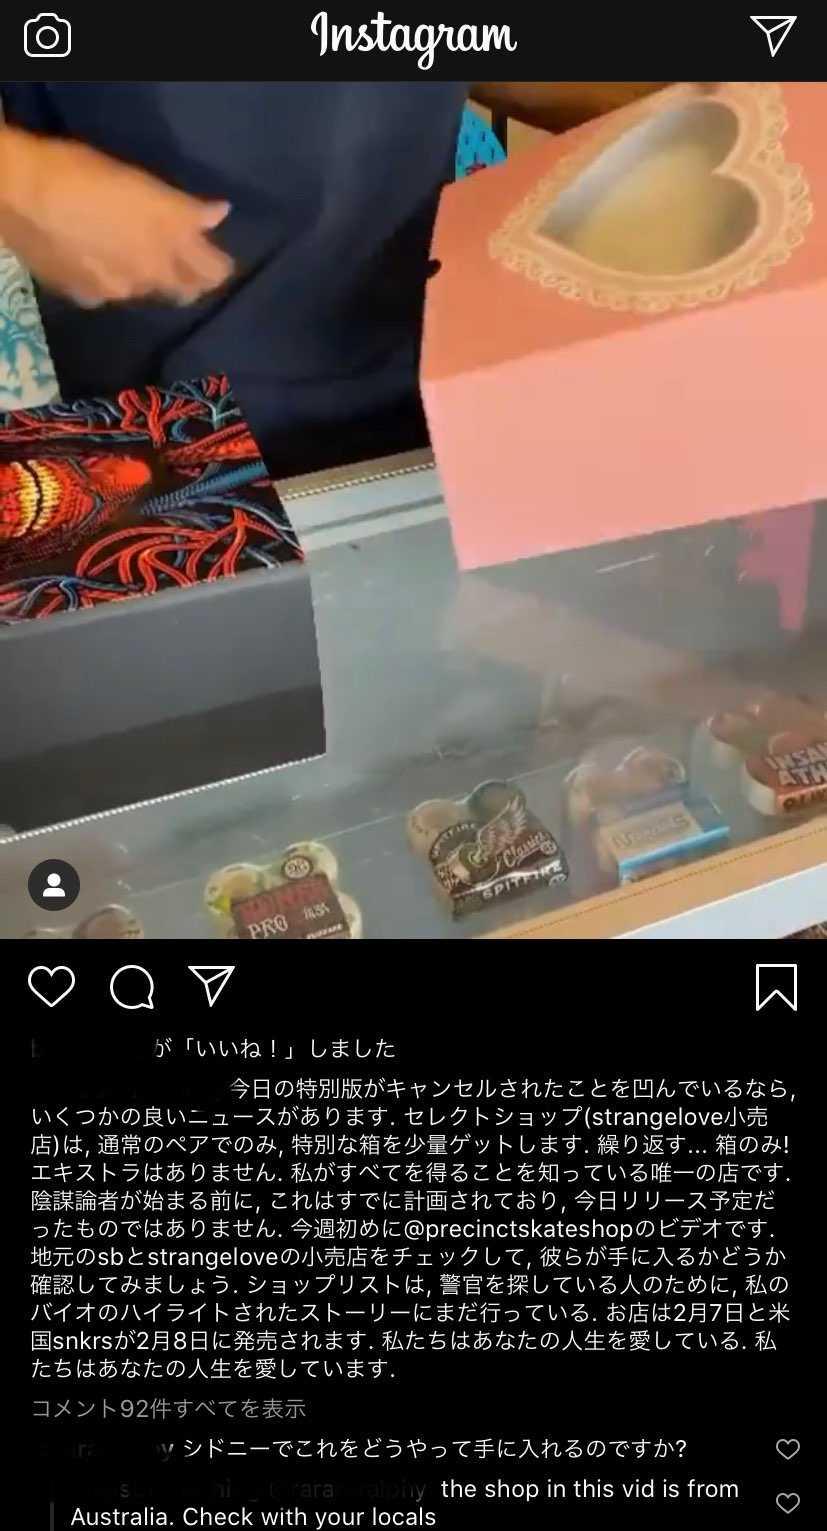 オーストラリアの店には、SP boxのガワはある様ですねぇ〜💦